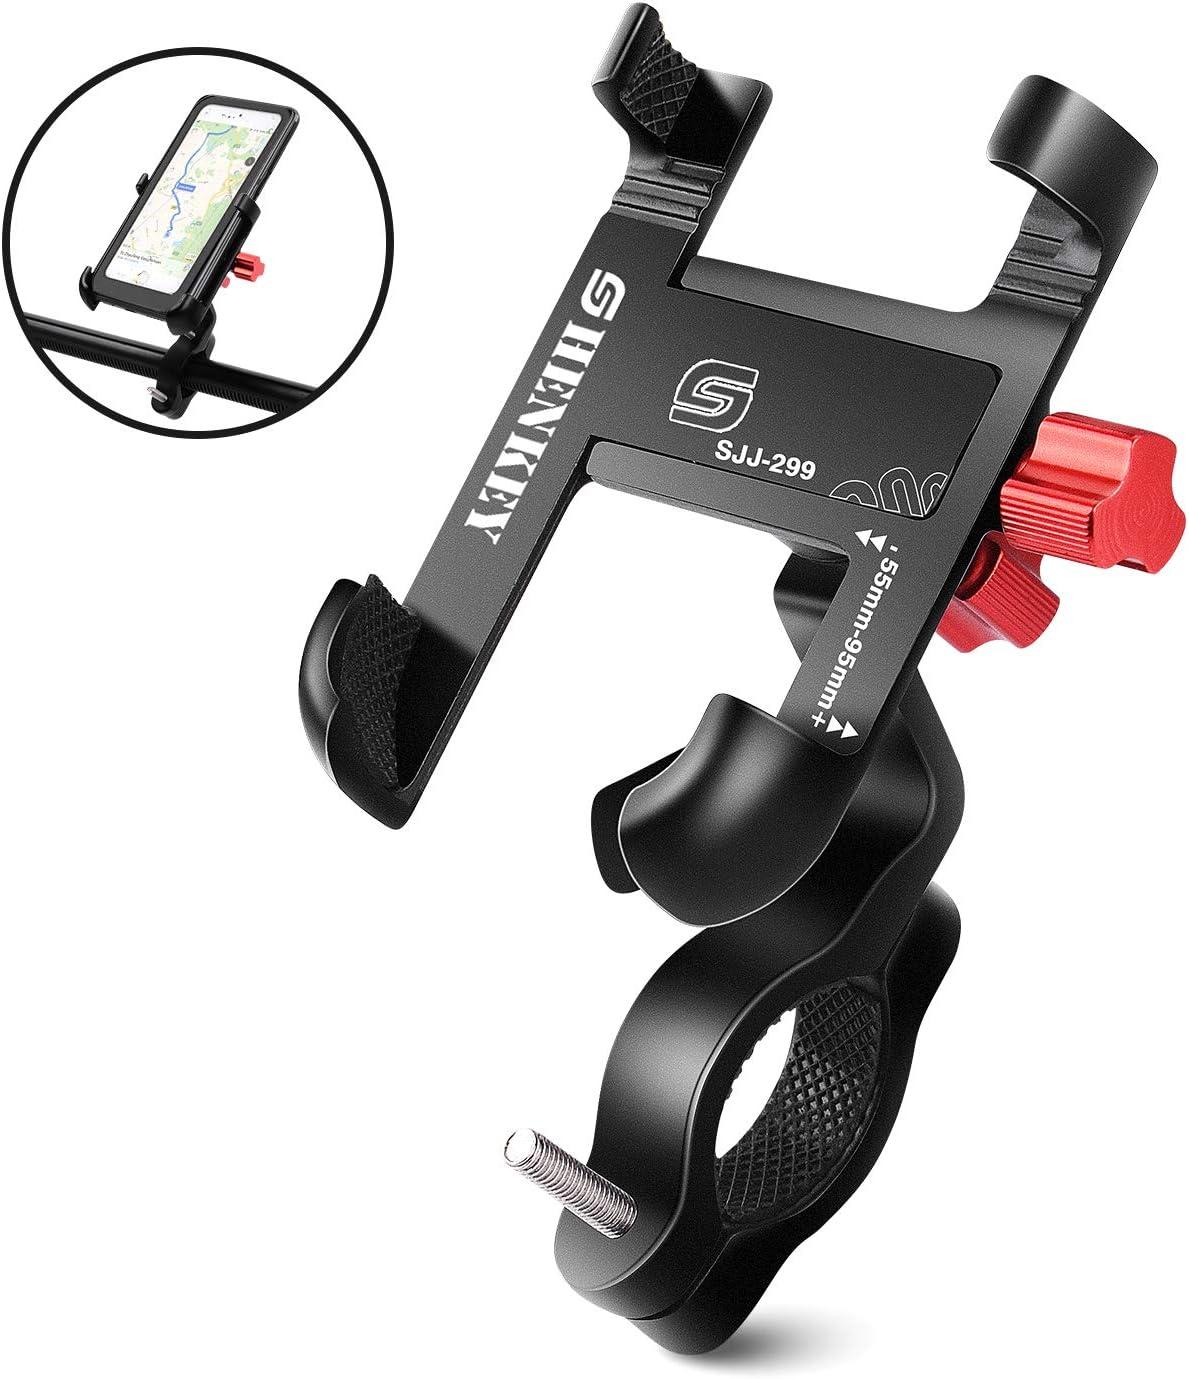 Soporte Movil Bicicleta y Moto, Soporte de Teléfono Celular de Aluminio de 360 ° para Motocicleta de Bicicleta Compatible con iPhone MAX XR XS X 11 8 7 6 5, Samsung S10 + S9 S8, Nota 10 9 8